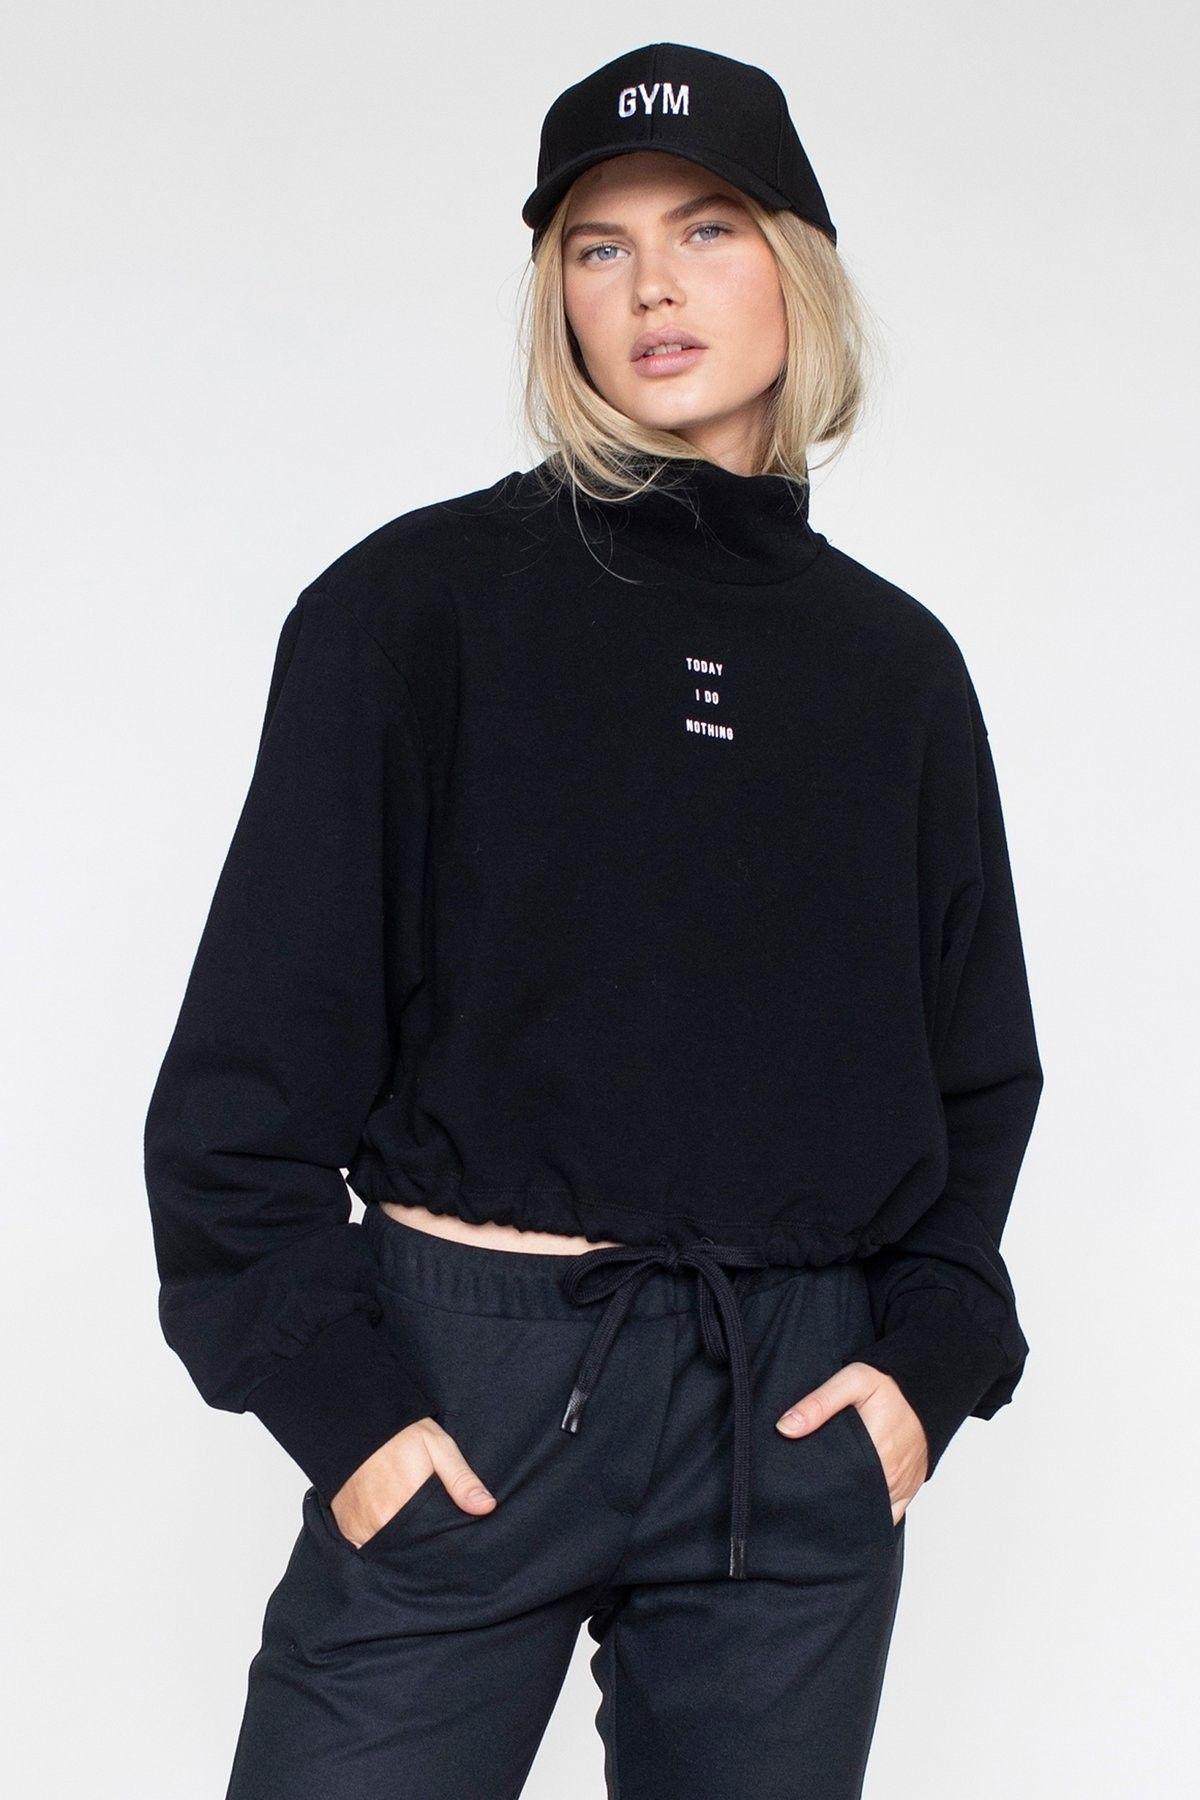 PENN&INK - Damen Pullover - Sweater Print - Black/White